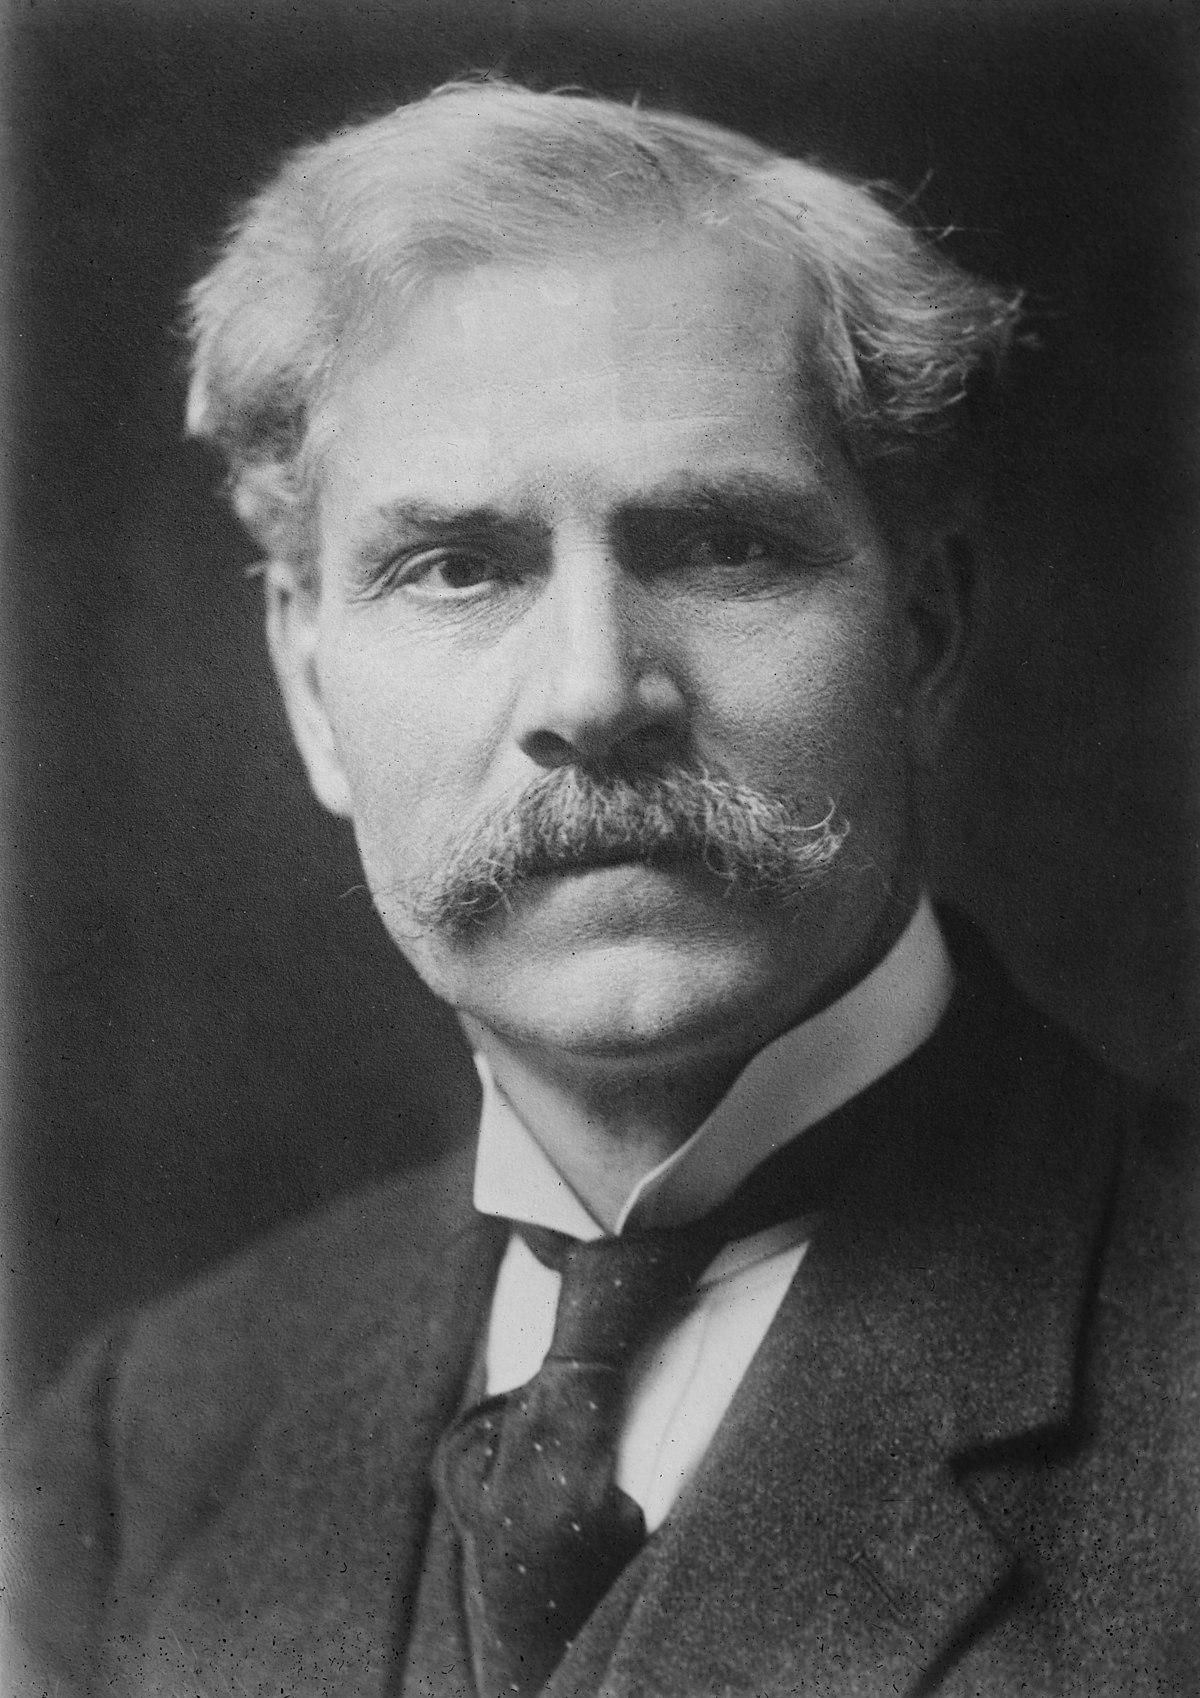 Élection générale au Royaume-Uni de 1931 - 1931 United Kingdom general election - qaz.wiki